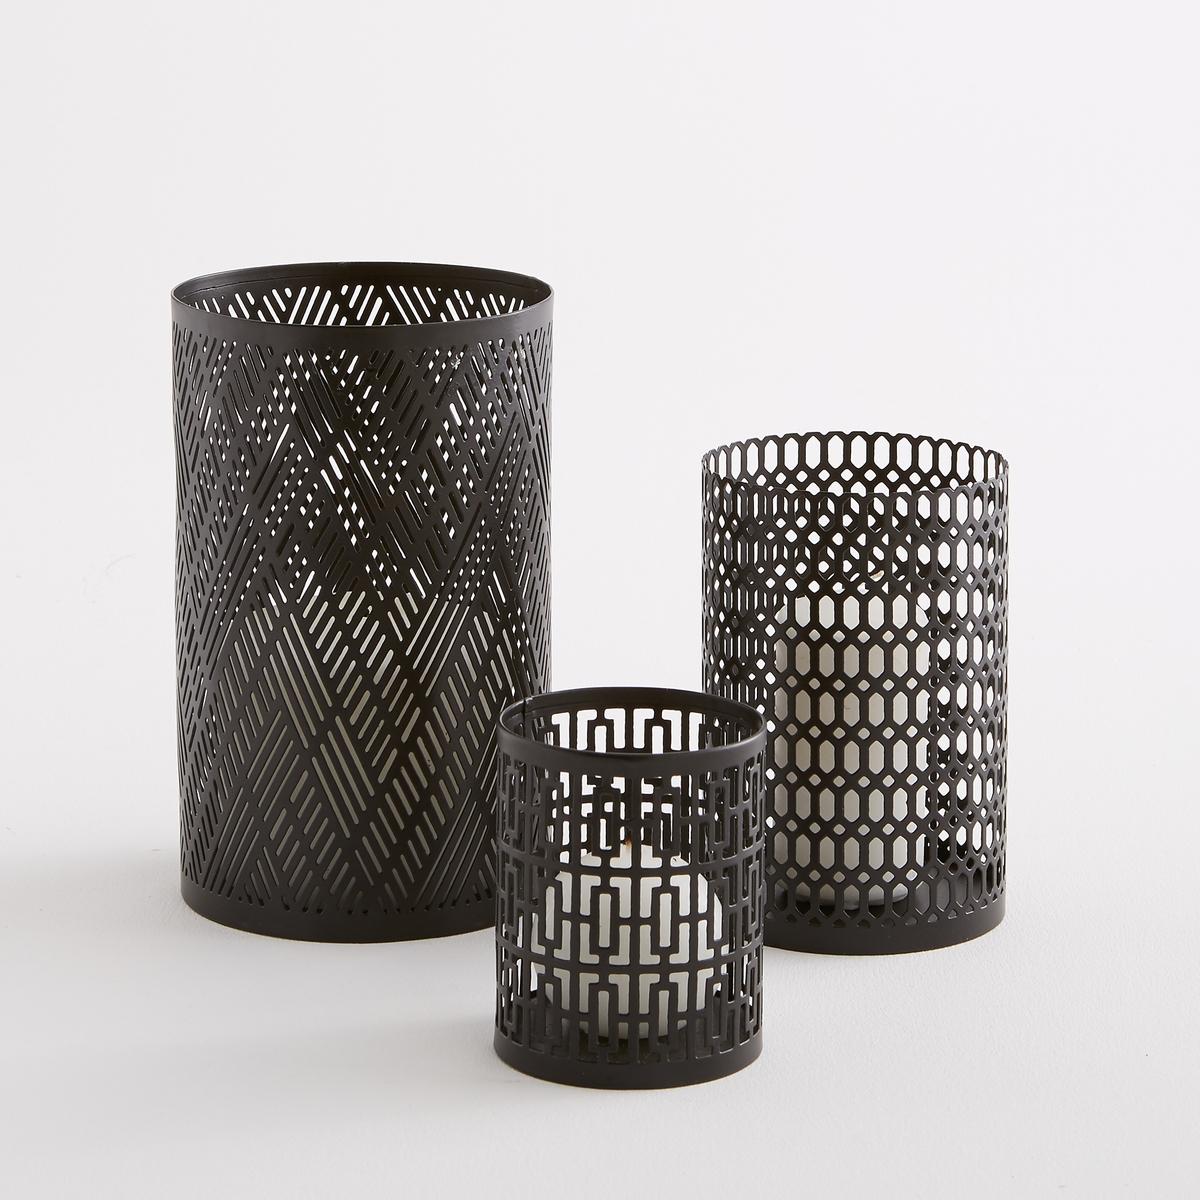 Лампа металлическая, Bataglia (3 шт)3 лампы из металла разного размера Bataglia . Из тонко перфорированного металла для красивого пропускания света от свечи .Характеристики : - Из перфорированного металла - Для плоской свечи ? 4 см (не входит в комплект)Размеры : - ?8 x H10 см- ?10 x H15 см- ?12,5 x H20 см<br><br>Цвет: черный